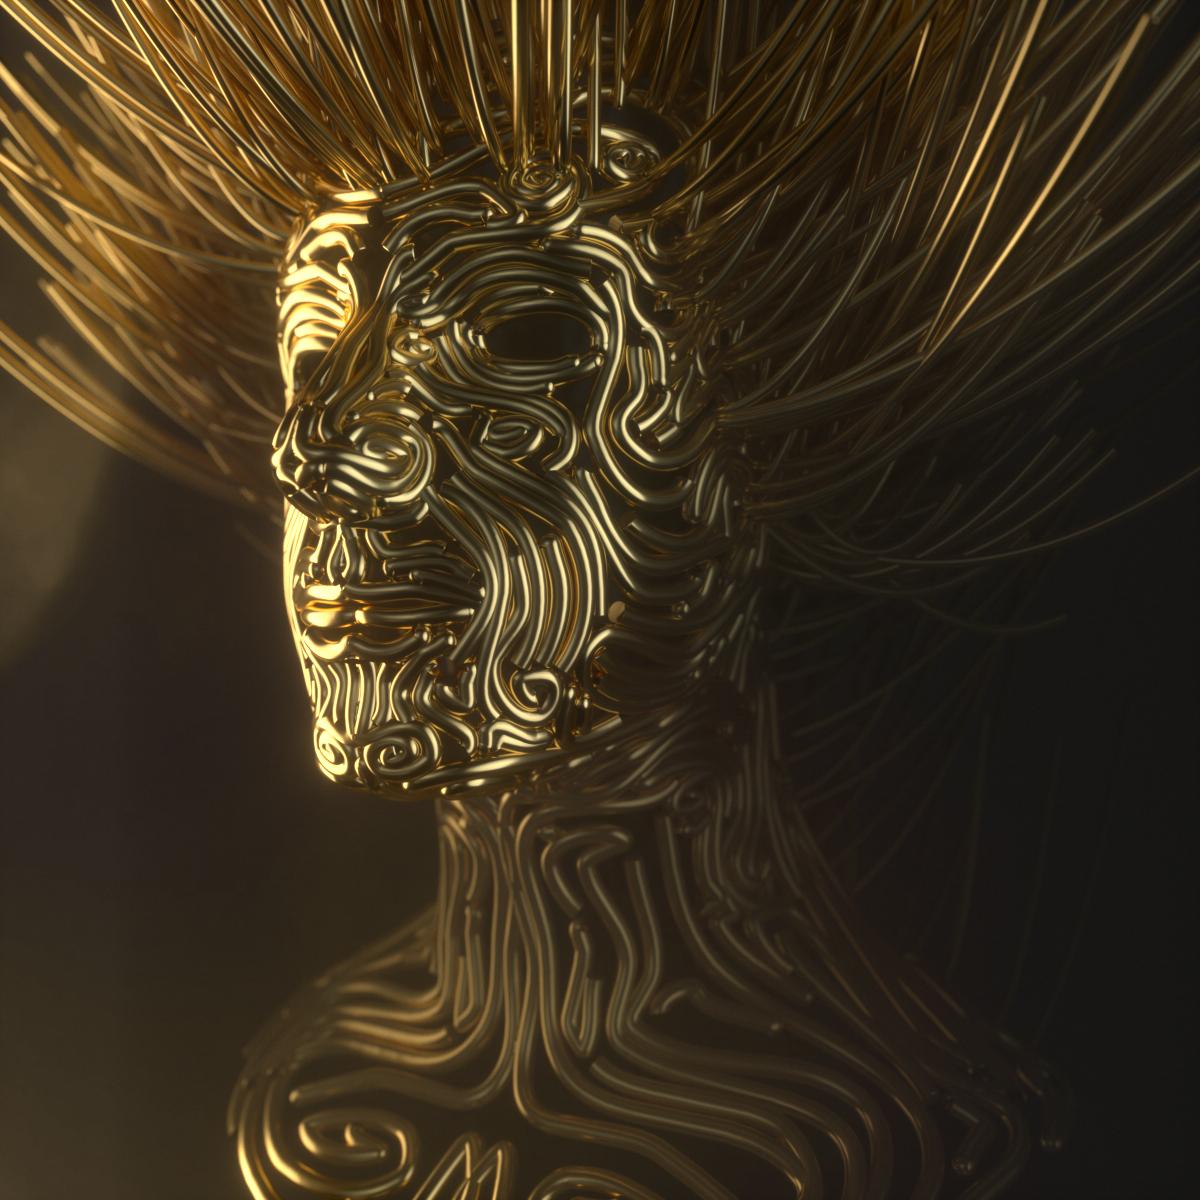 Golden Spline Head